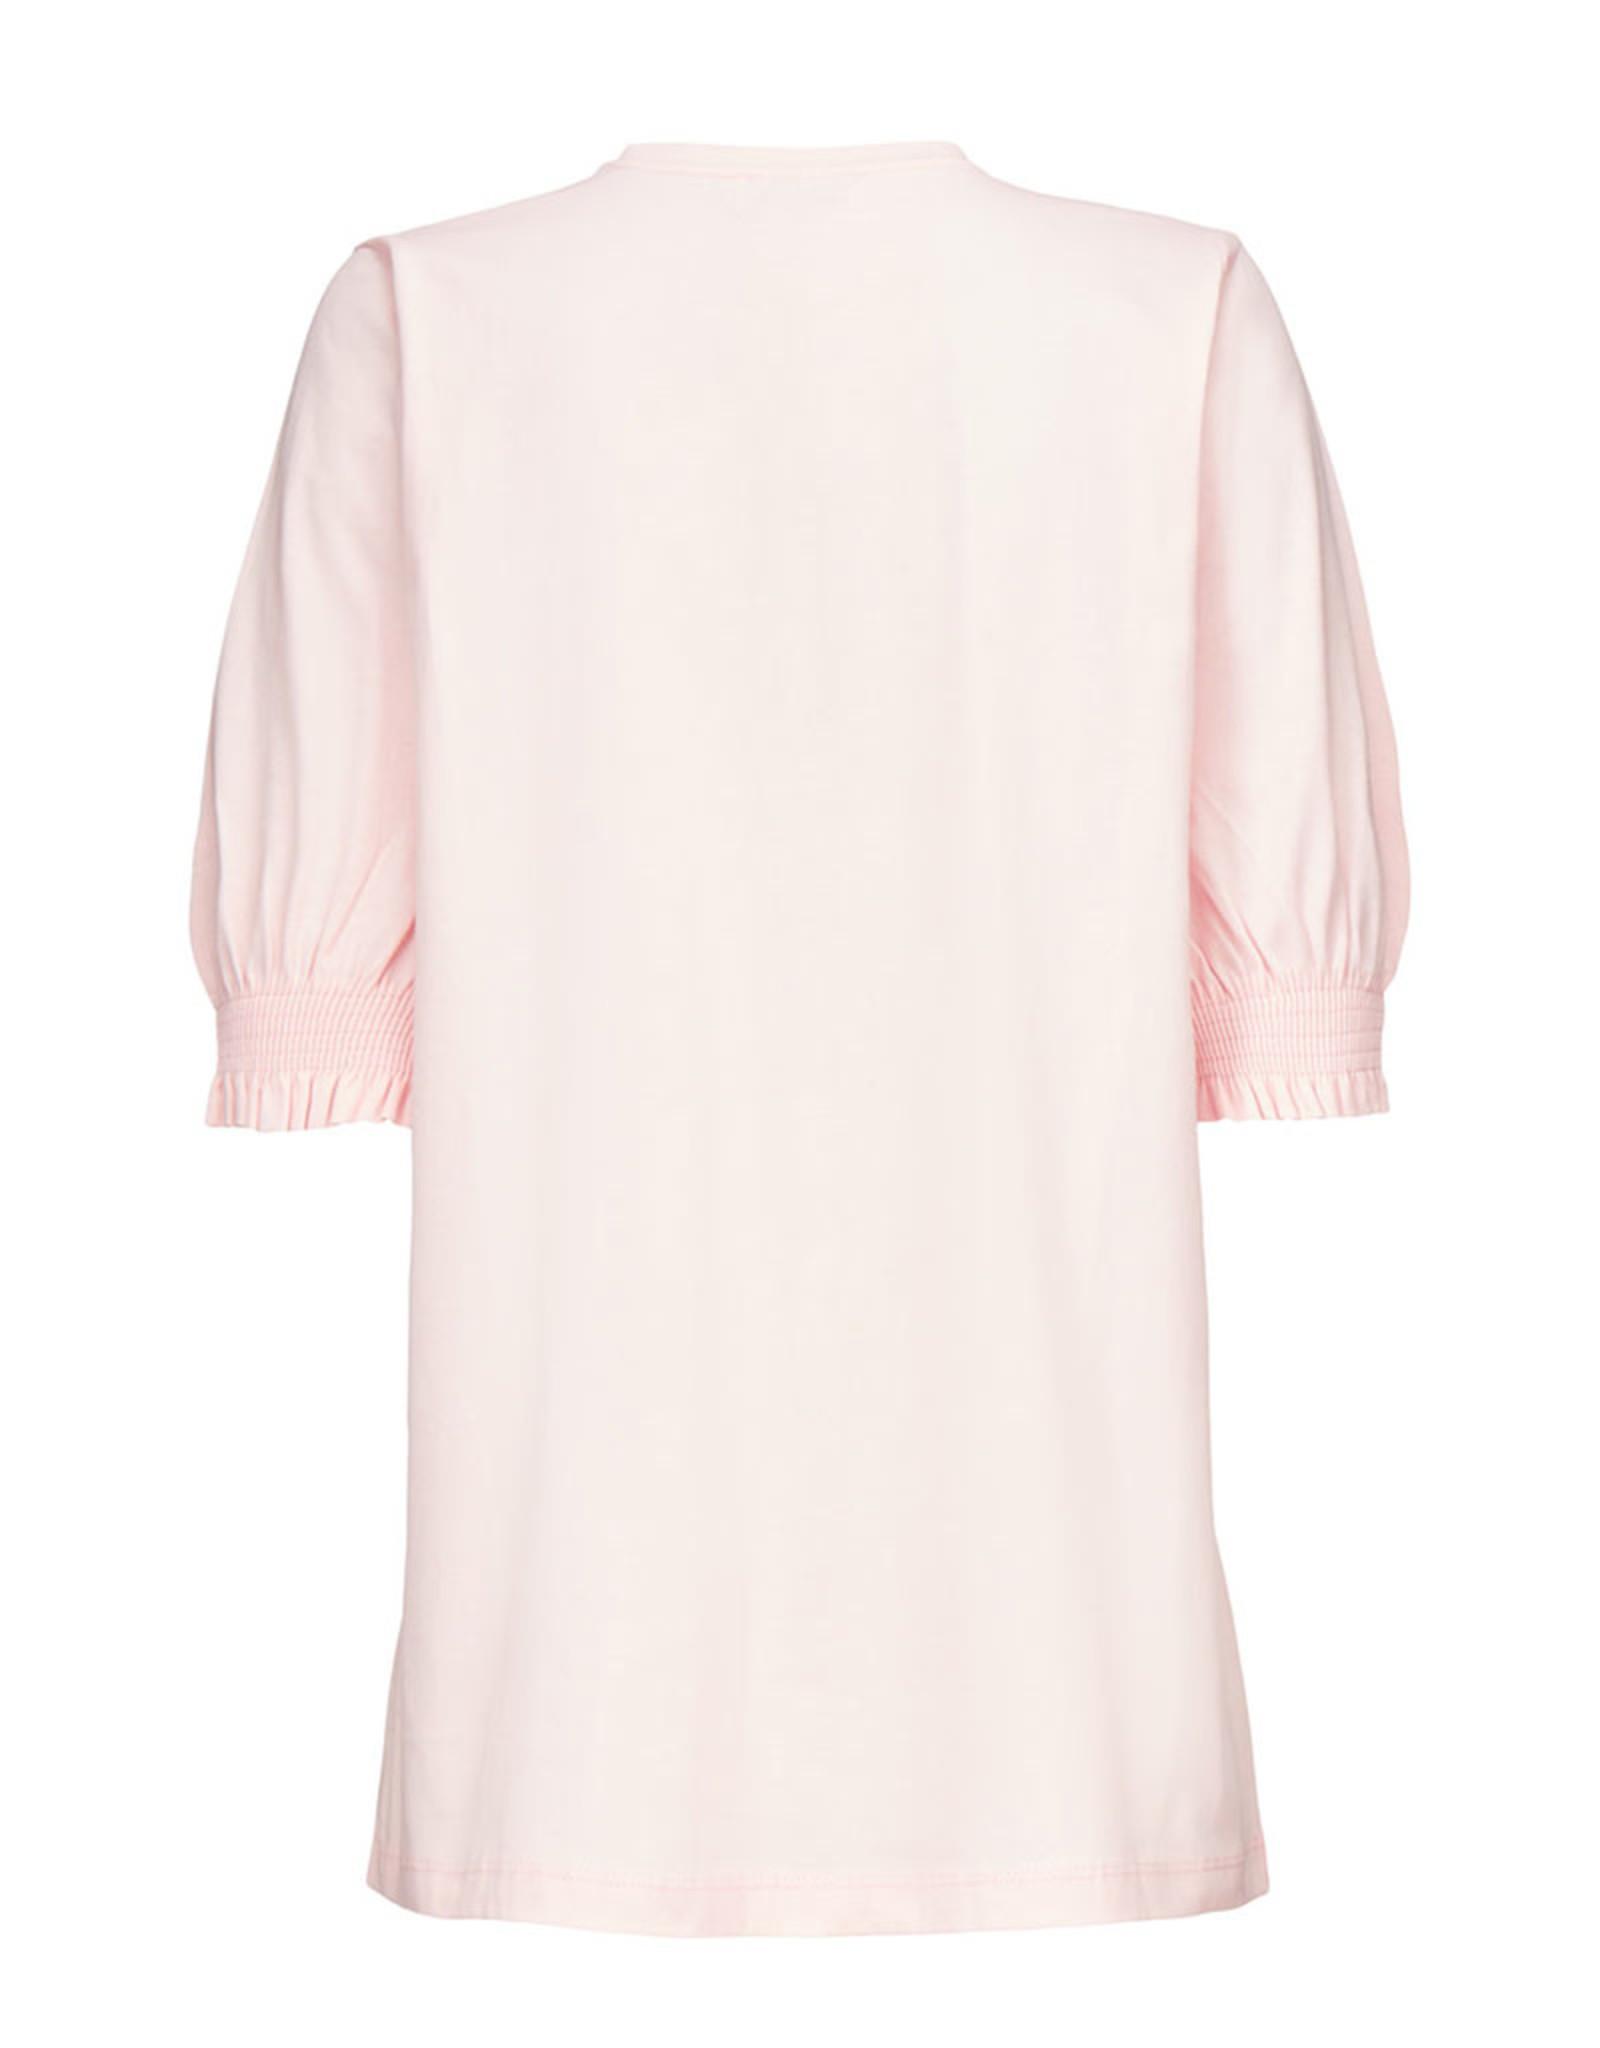 Modström Jake T-shirt